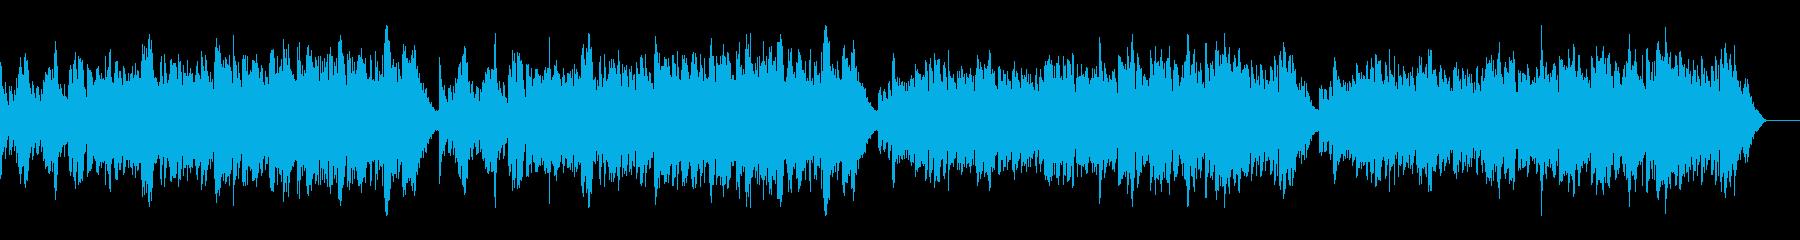 ゴルトベルク変奏曲variation3の再生済みの波形